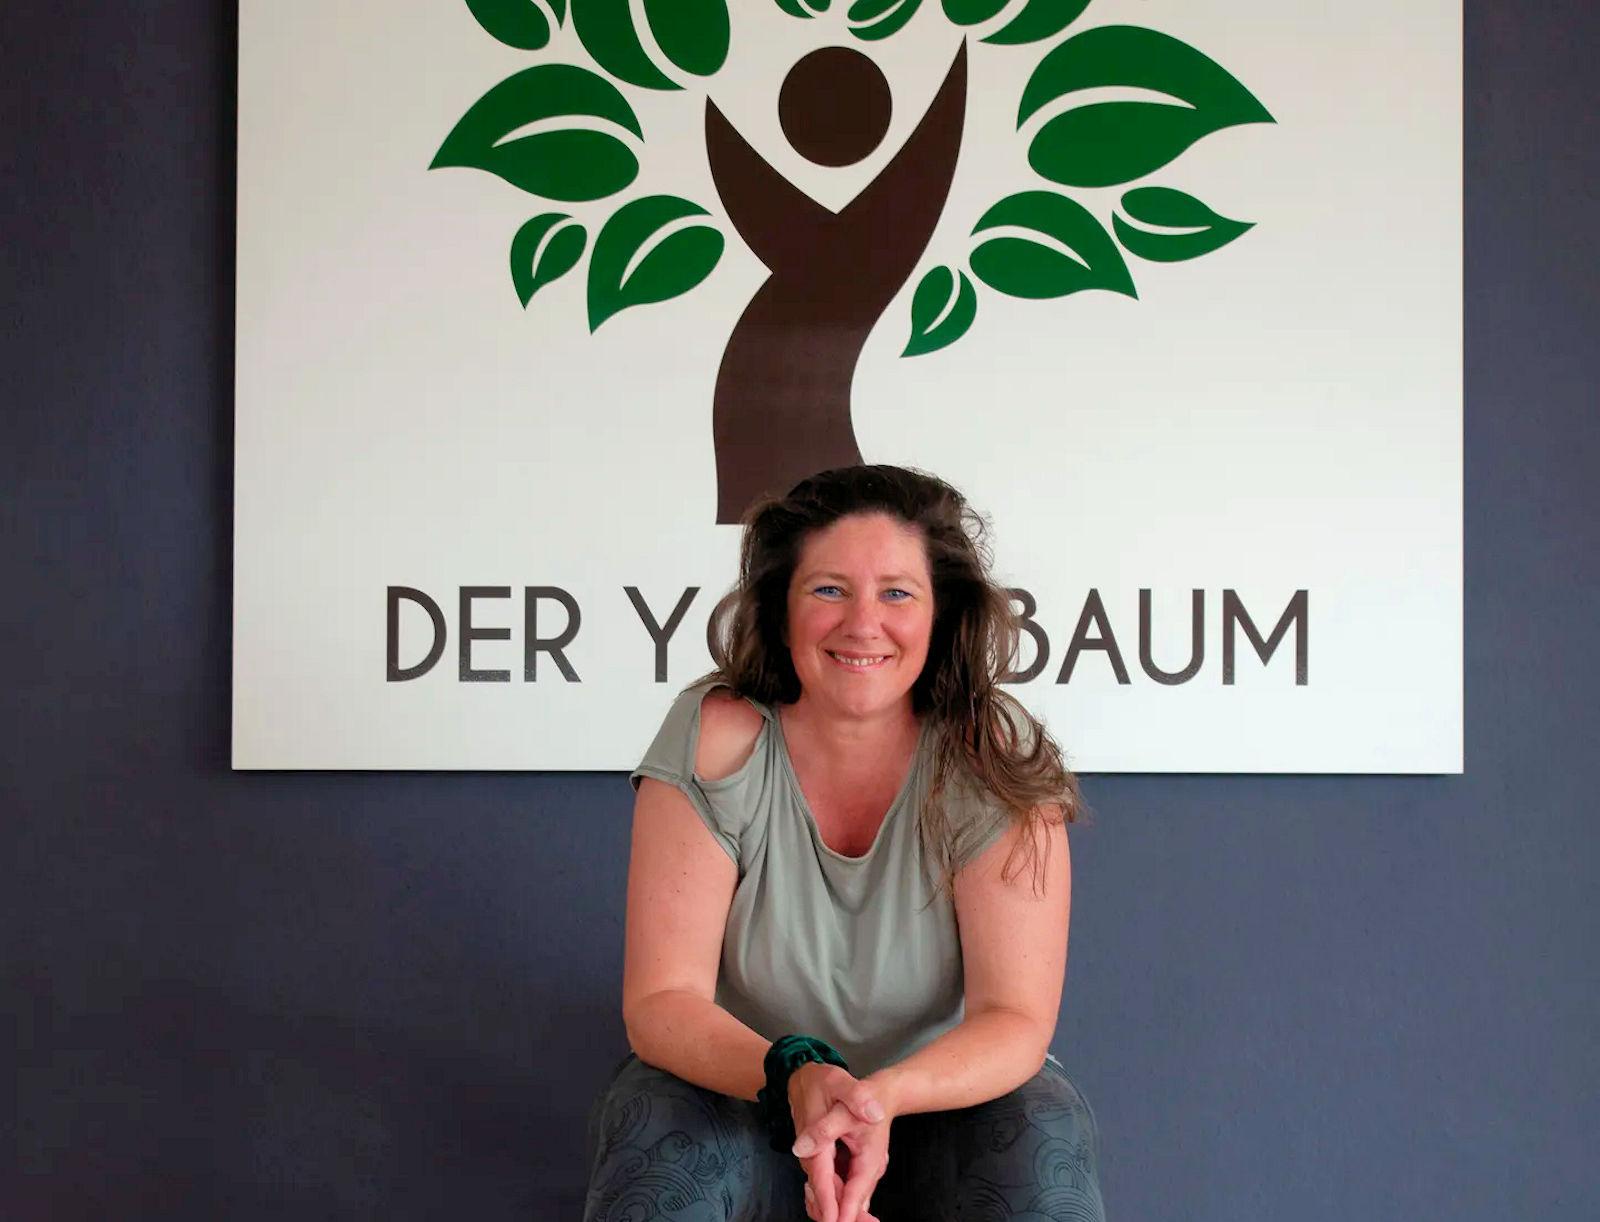 Yogabaum, Kathrin Meirick